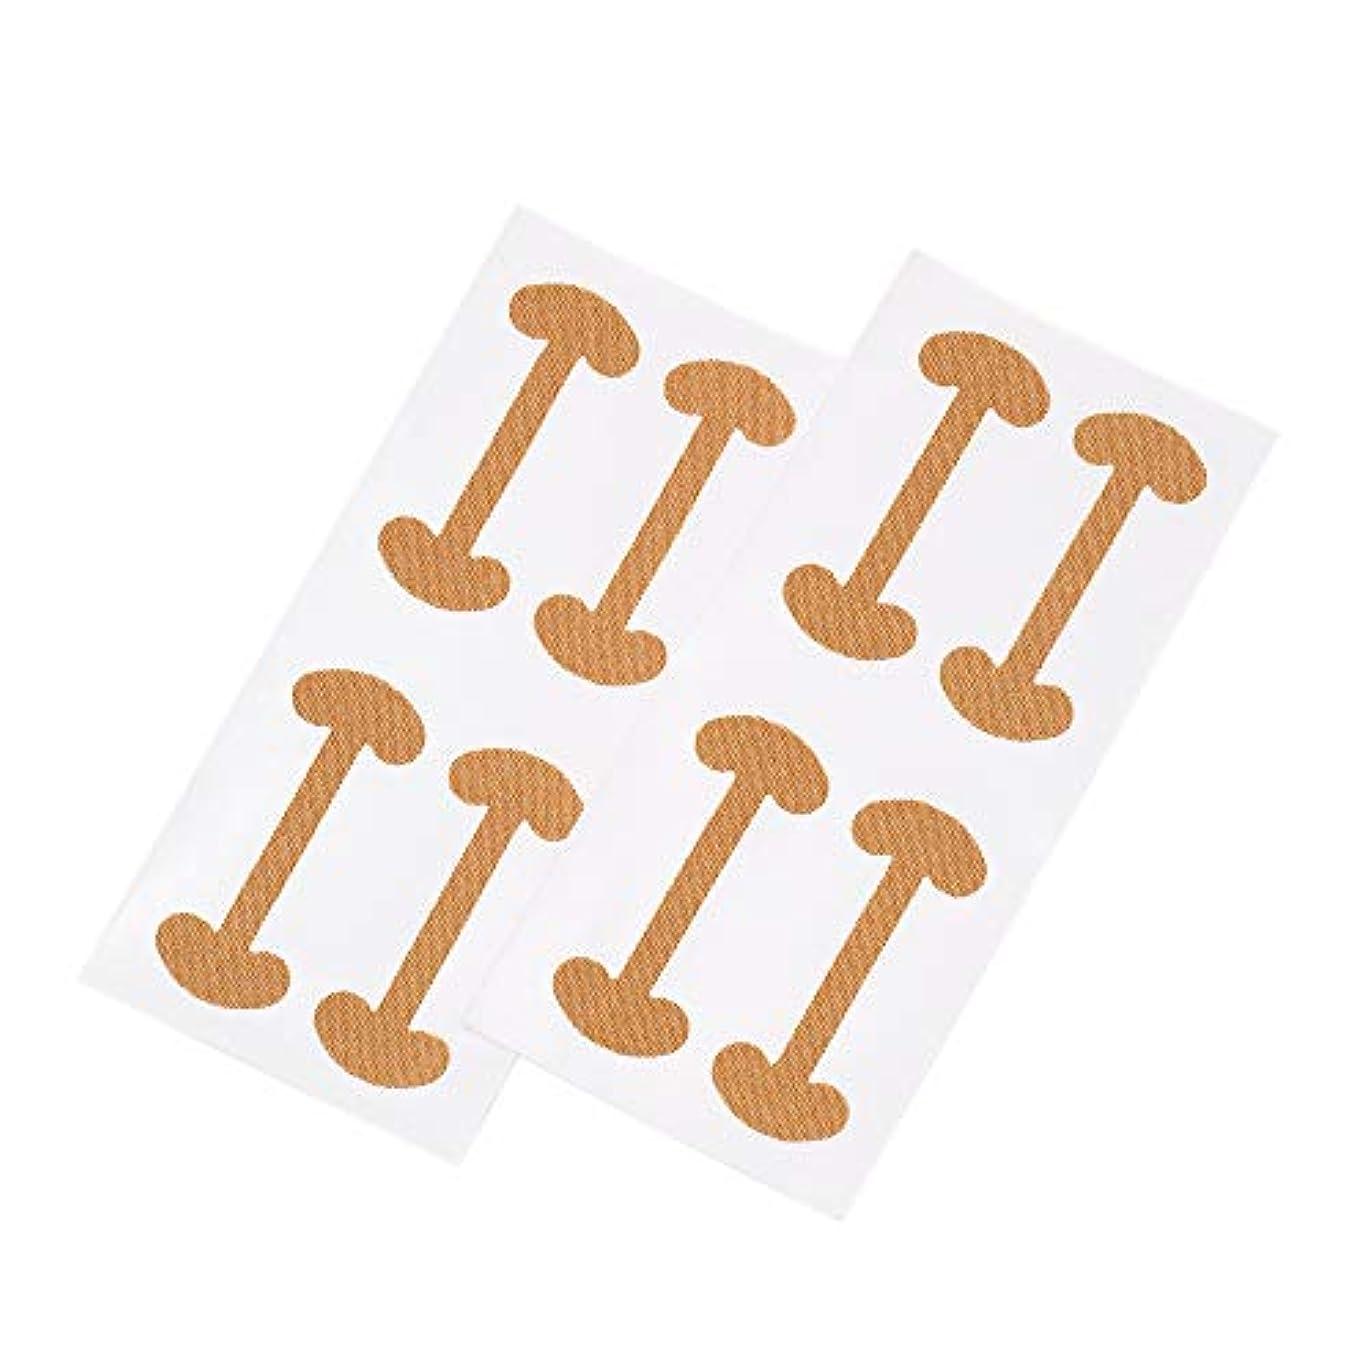 足外向き平行Decdeal 8ピース 巻き爪 ケアテープ まきずめ 矯正 巻きヅメ 矯正 爪の治療 爪の矯正パッチ 爪リフタ